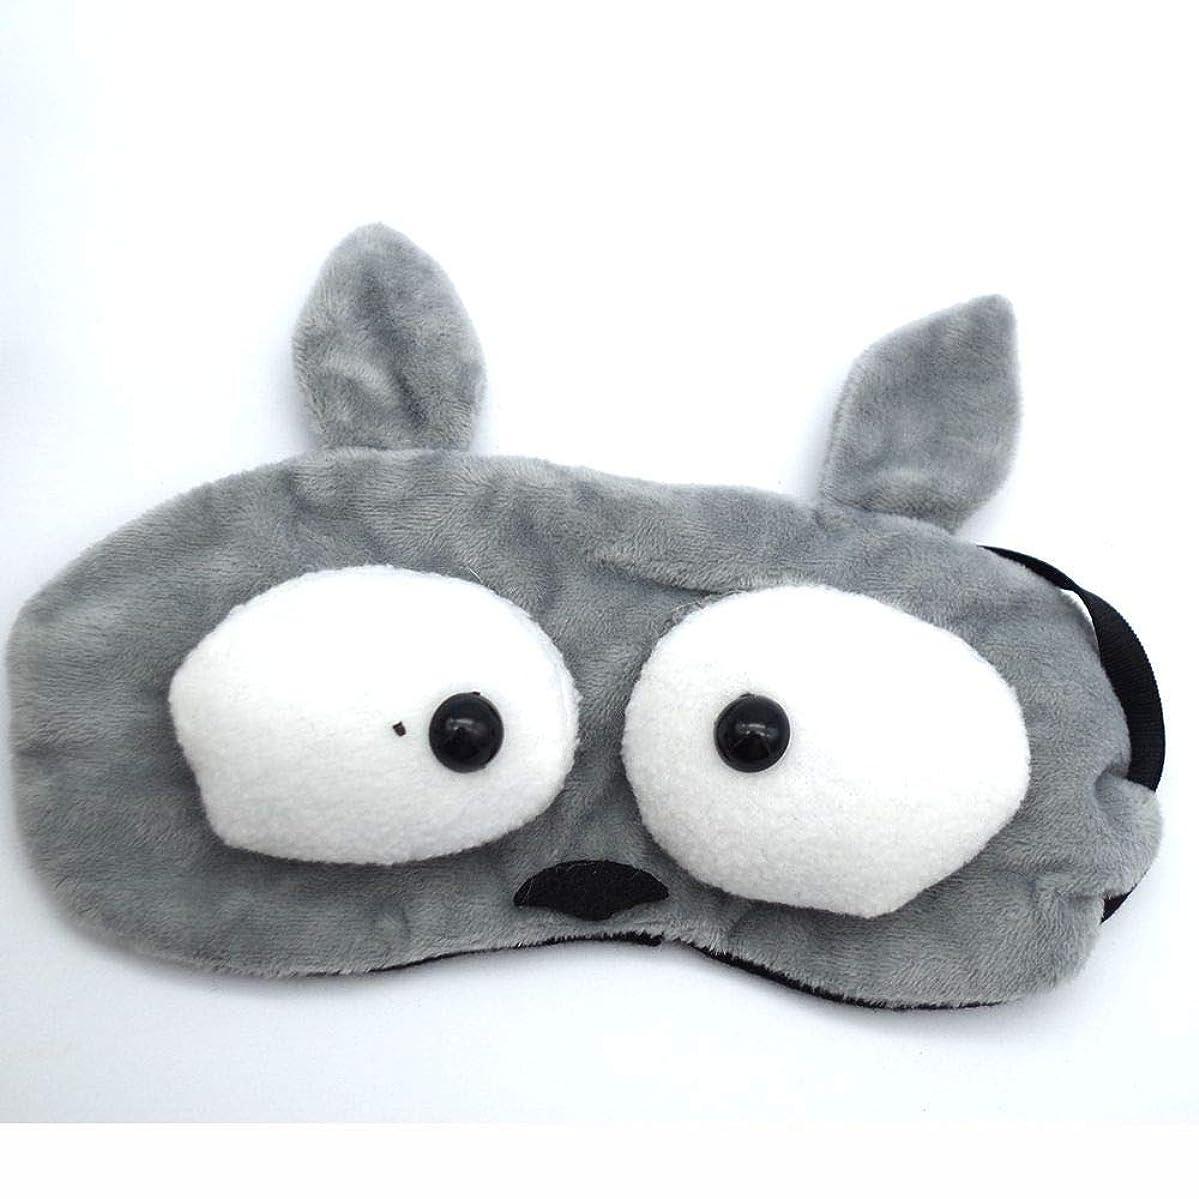 プーノストライド資格情報NOTE 1ピースかわいい動物睡眠アイマスクパッド入りシェードカバーフランネル睡眠マスク休息旅行リラックス睡眠補助目隠しカバーアイパット